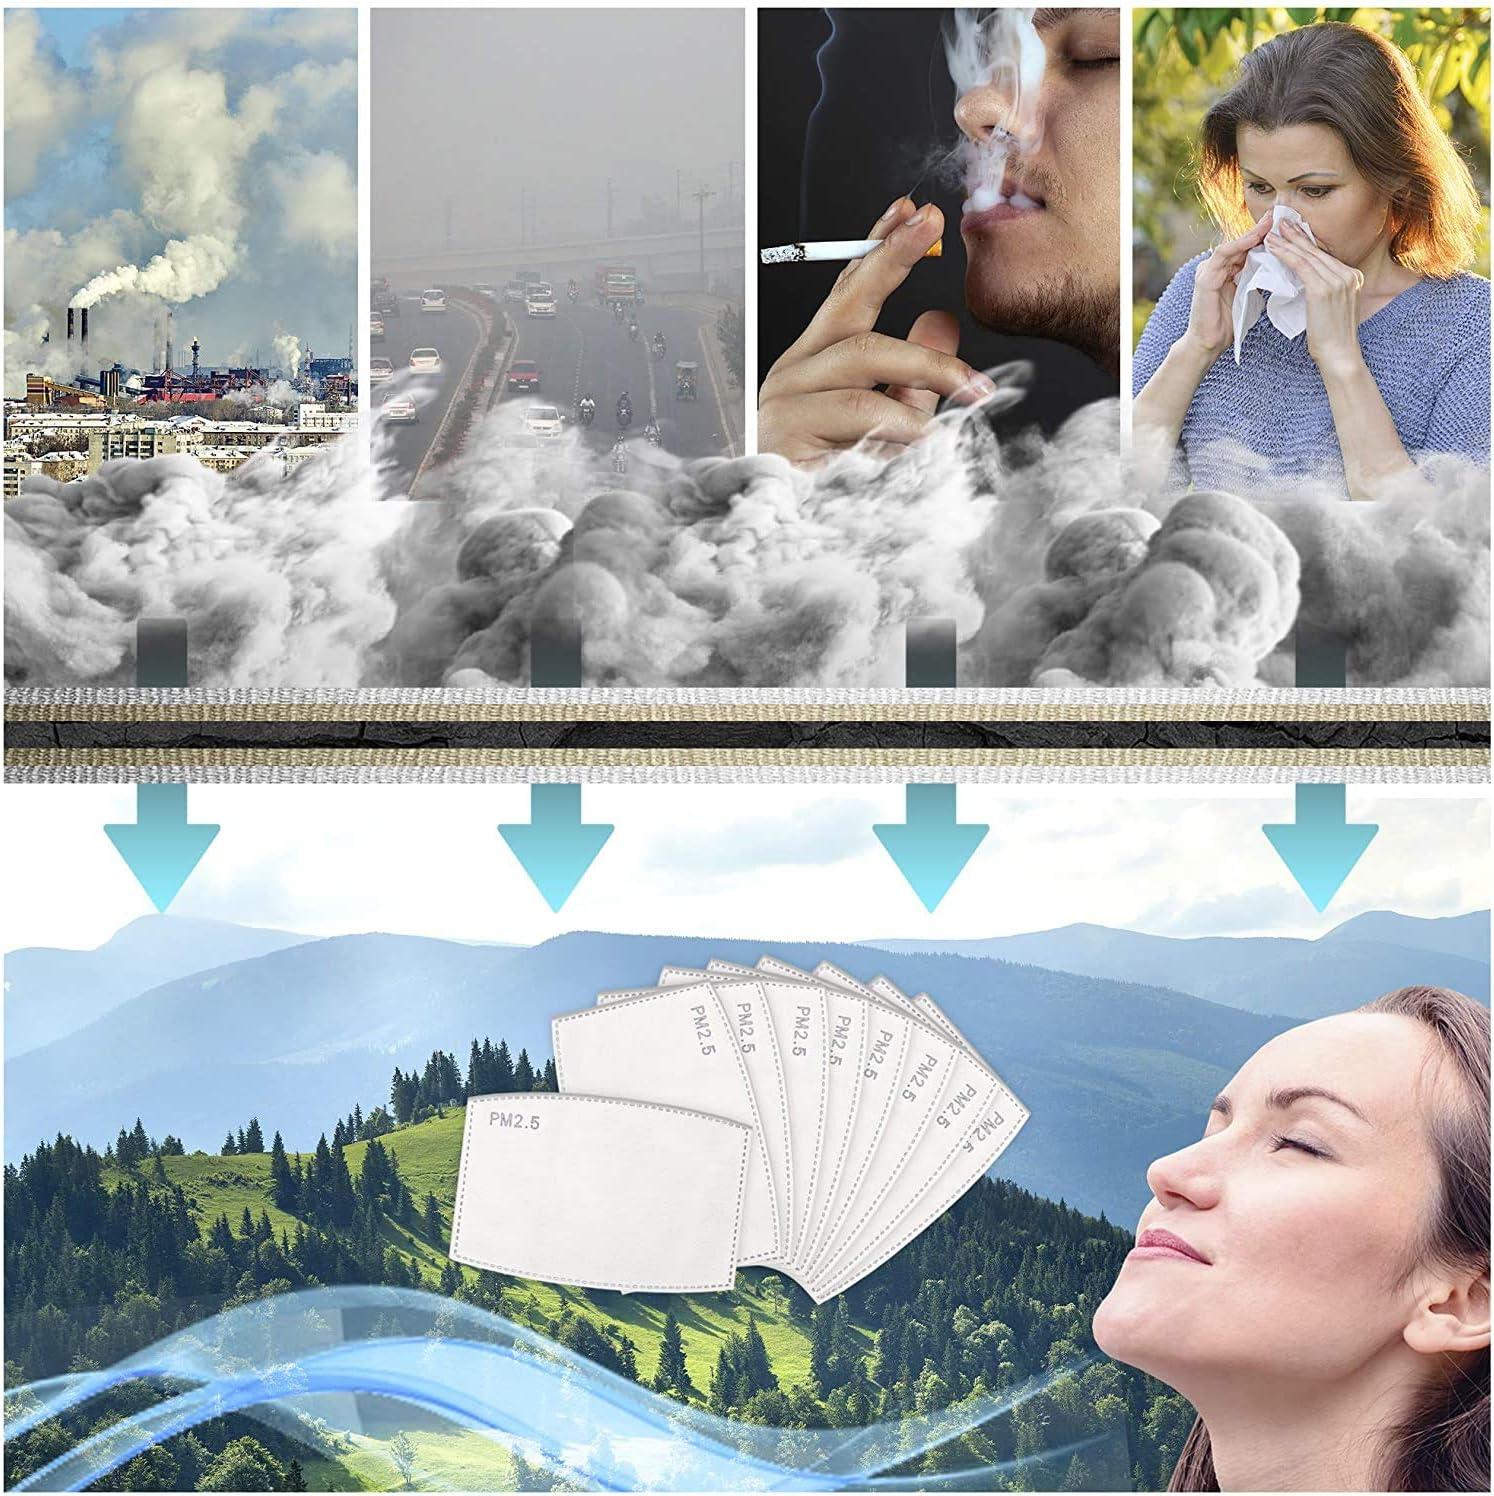 O/³ Filtre Charbon pour Masque-30 Filtres pour Masque en tissu Lavable